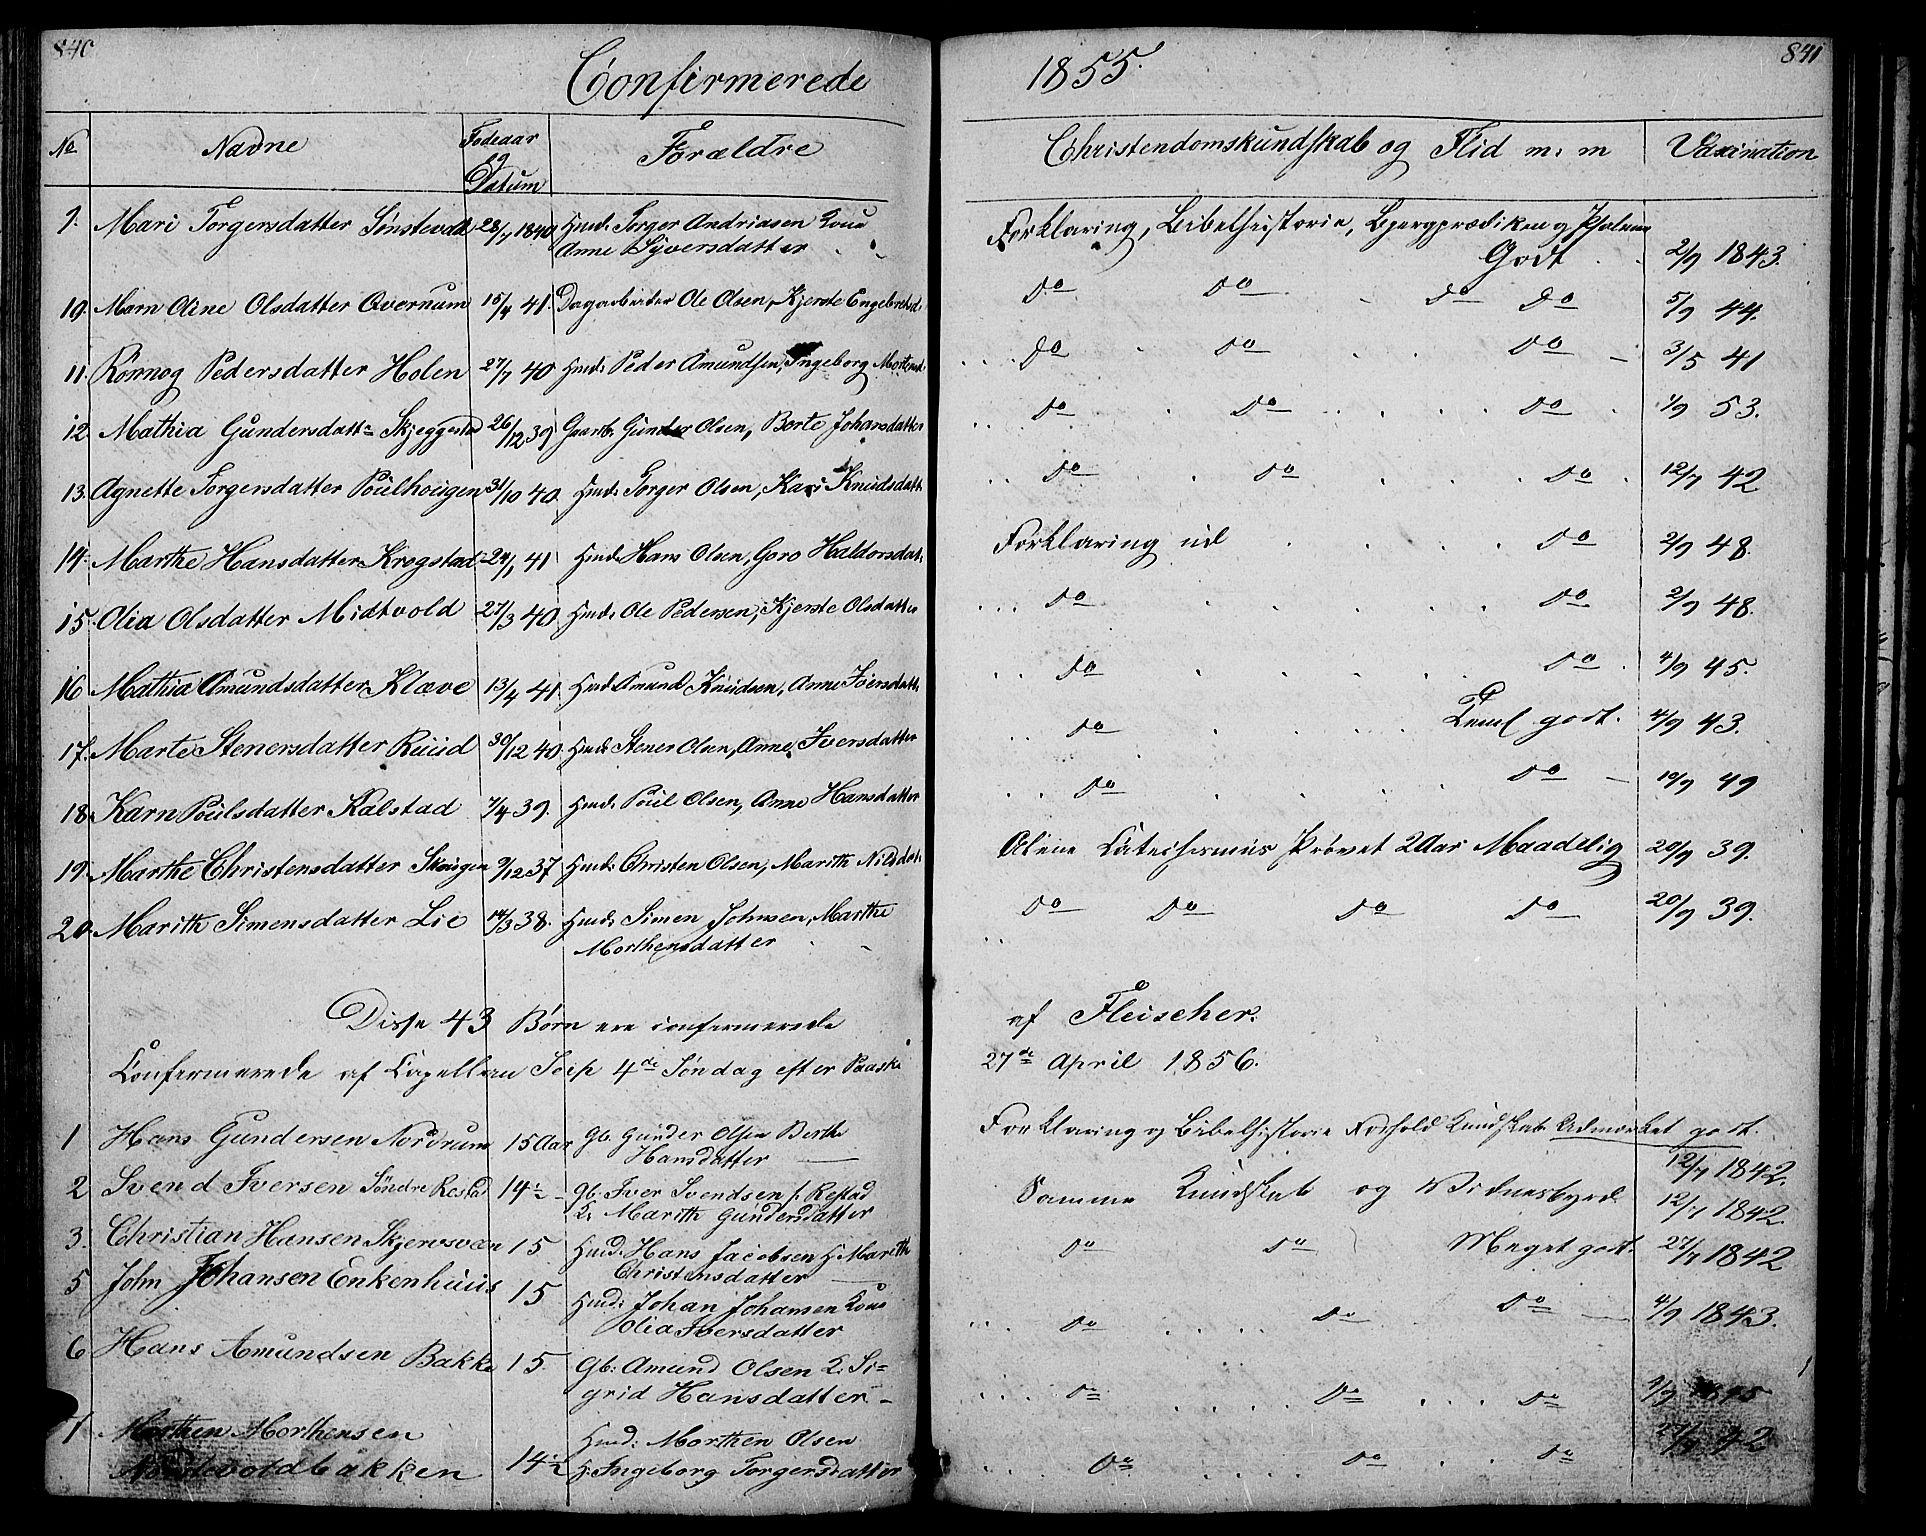 SAH, Gausdal prestekontor, Klokkerbok nr. 4, 1835-1870, s. 840-841